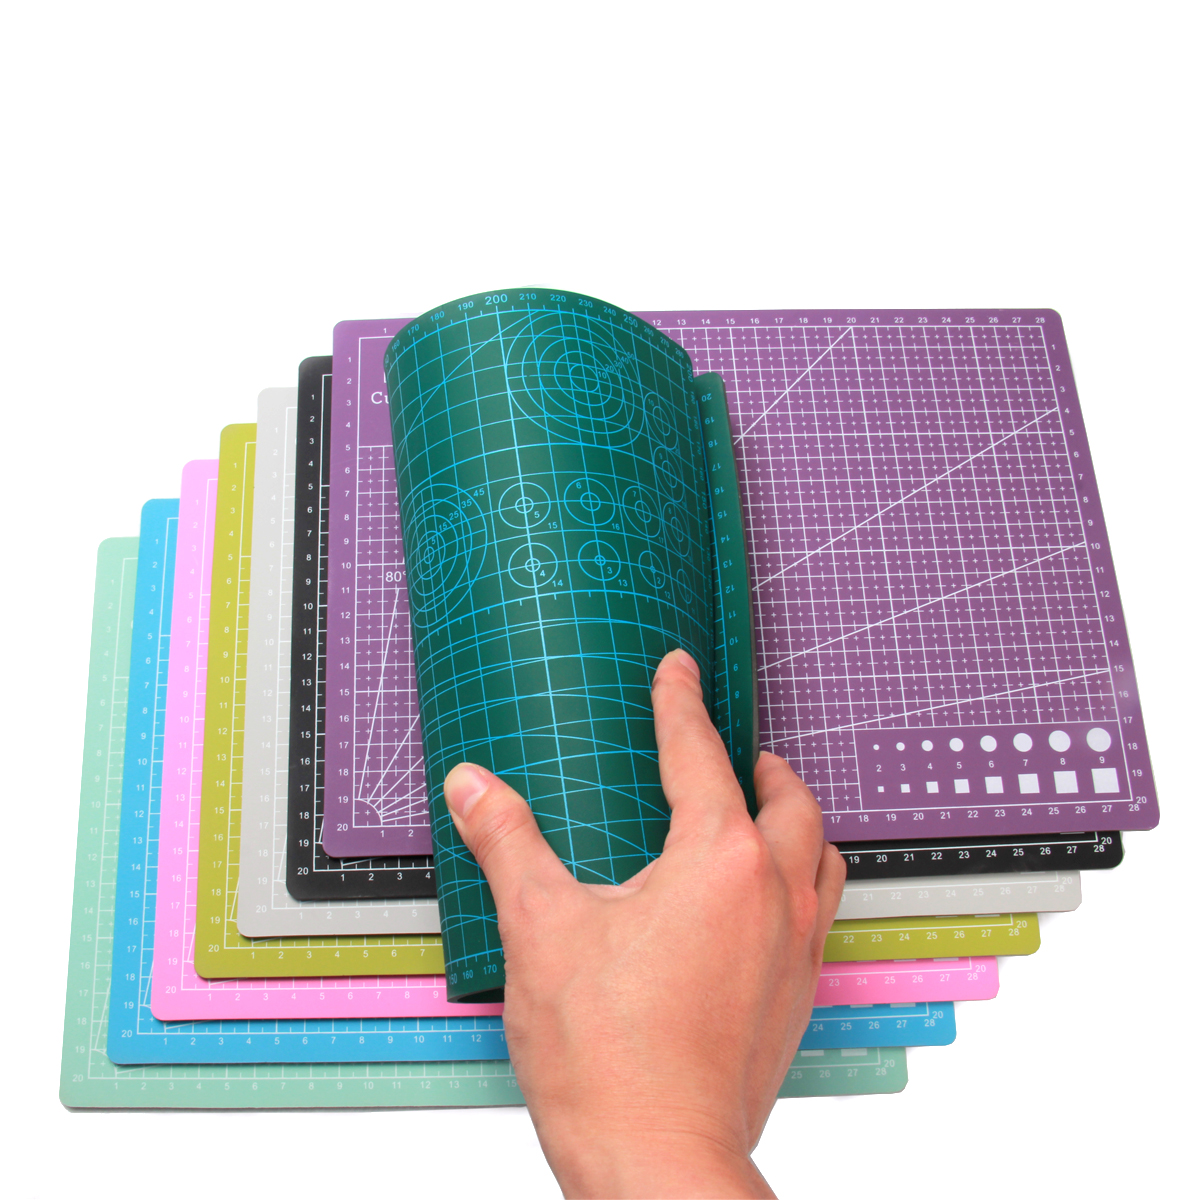 A3 A4 tapis de coupe Pvc Rectangle grille lignes auto-guérison planche à découper outil tissu en cuir papier artisanat outils de bricolage plaque Pad